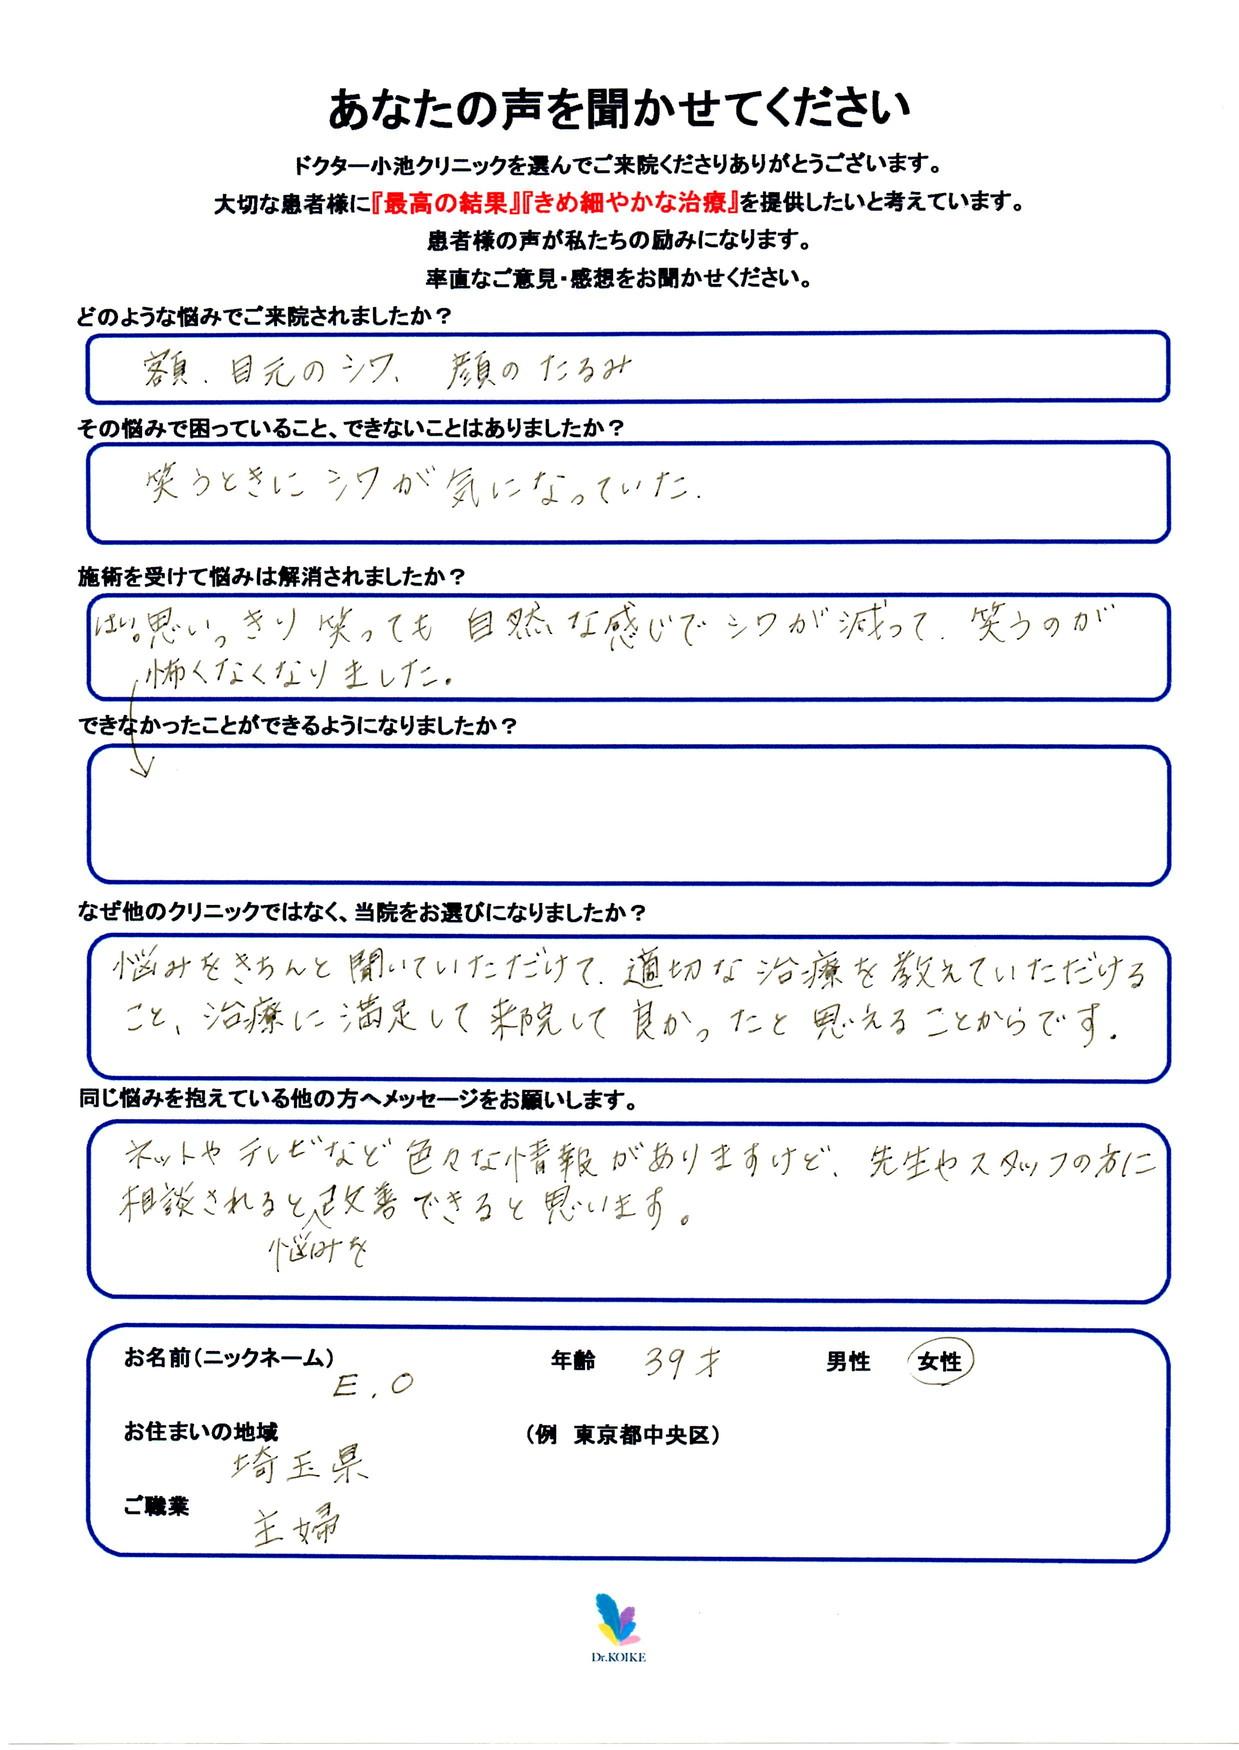 510. シワ・たるみ・目元・クマ・目尻のシワ・額のシワ